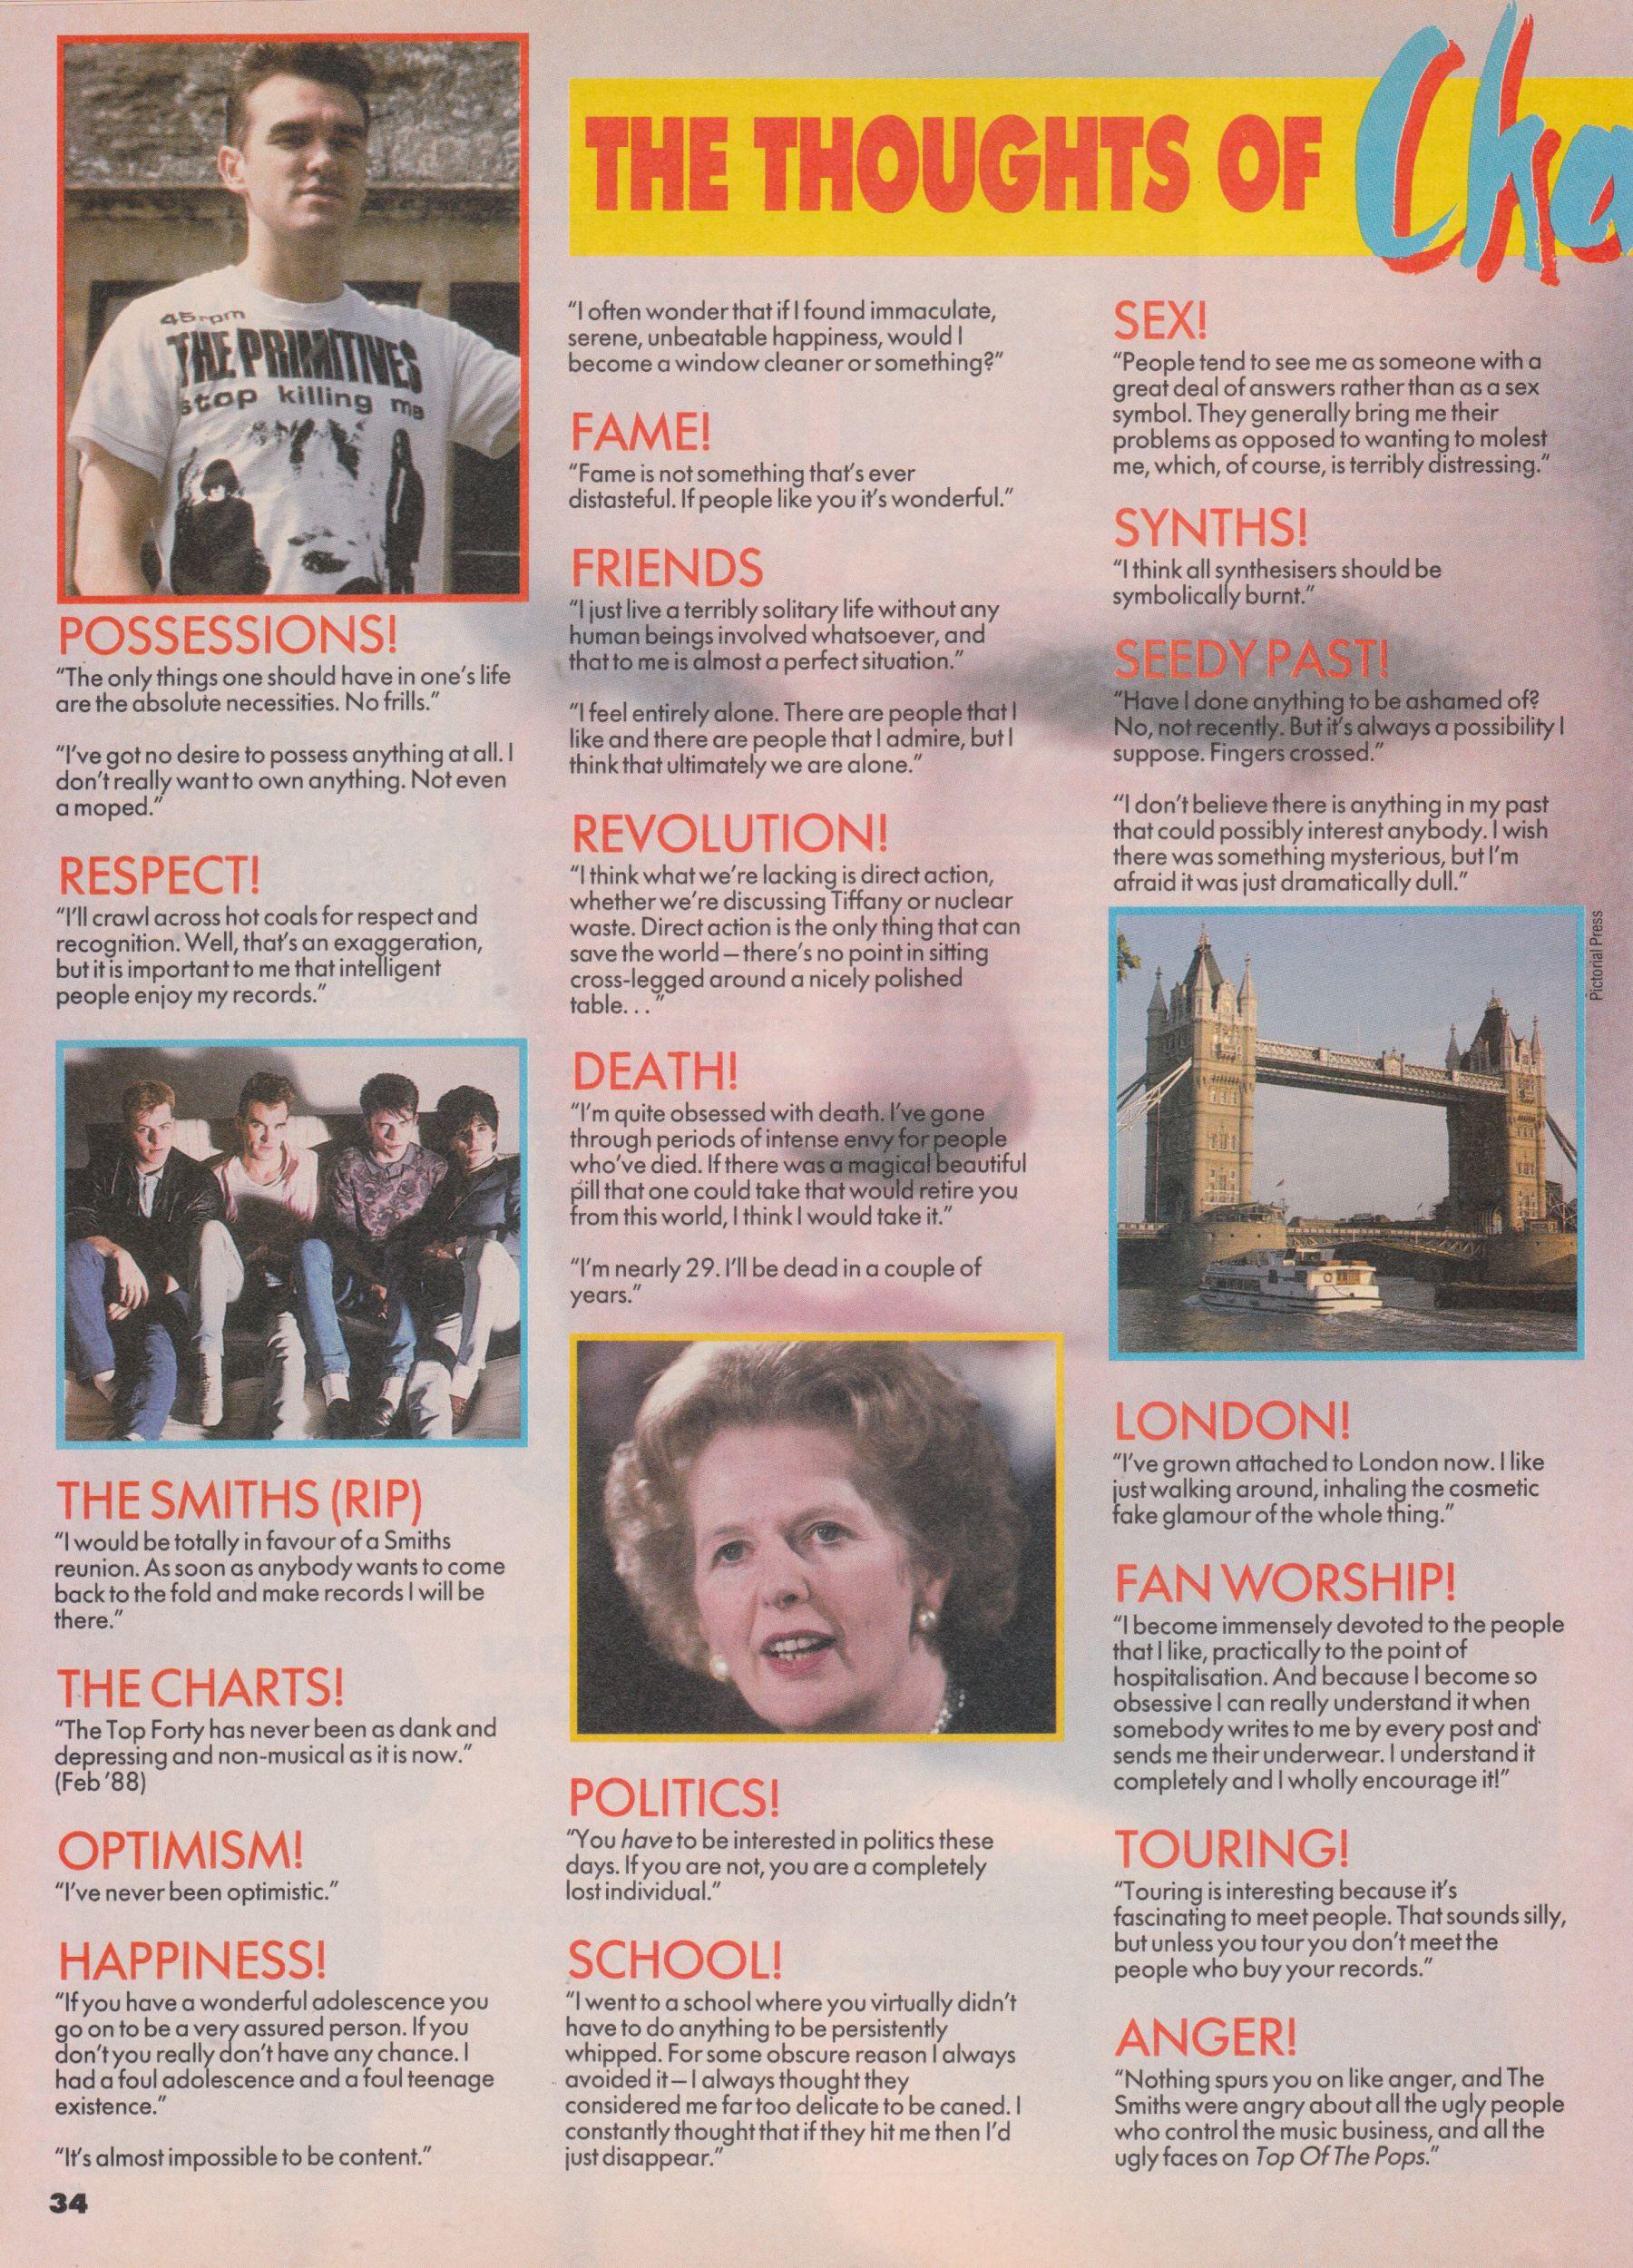 34-No-1-12-march-1988.jpg